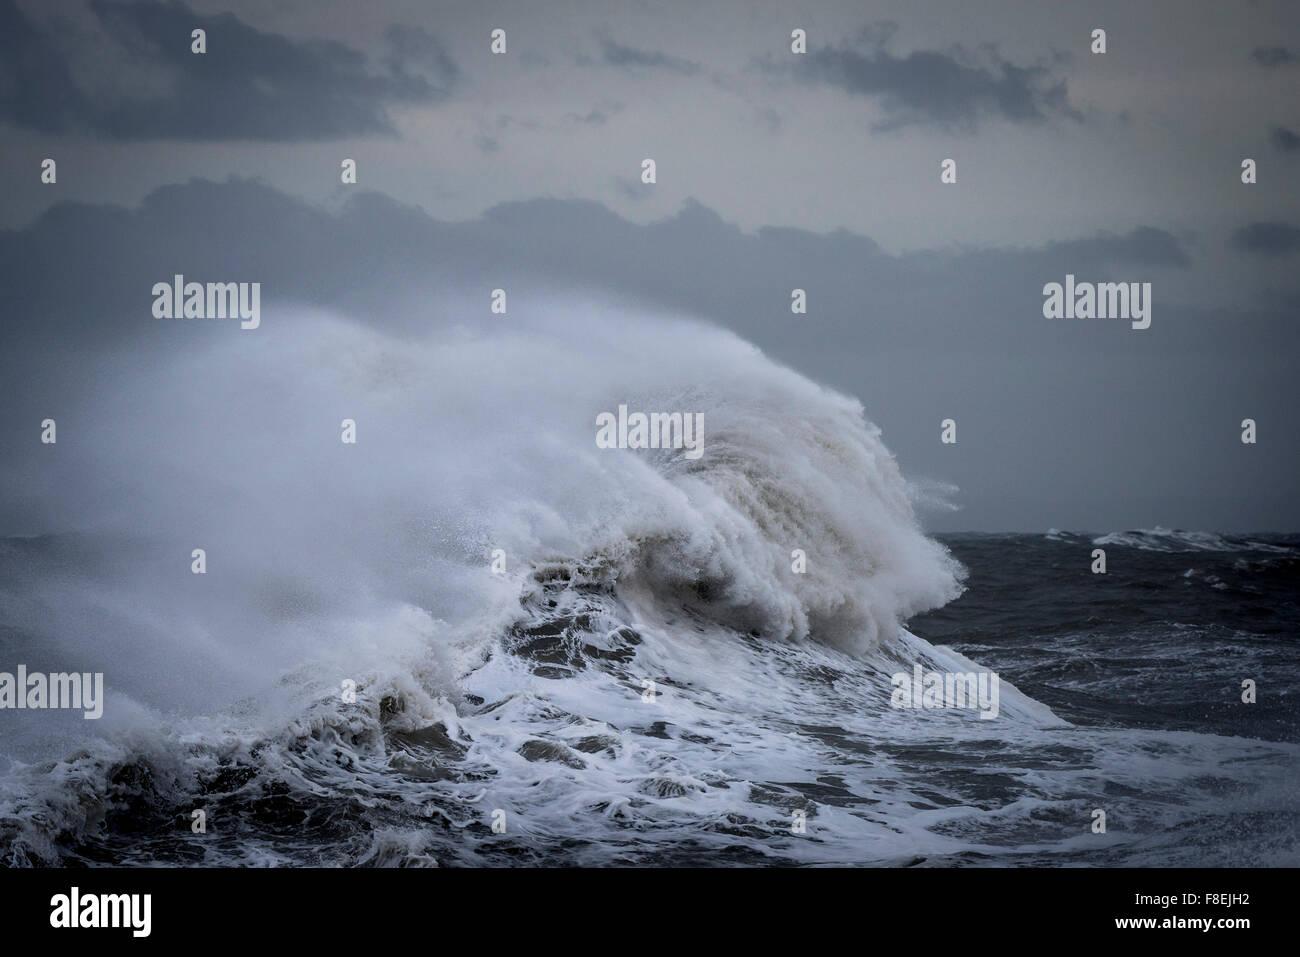 Tempête de la mer comme Desmond batters la côte de Porthcawl, dans le sud du Pays de Galles. Photo Stock